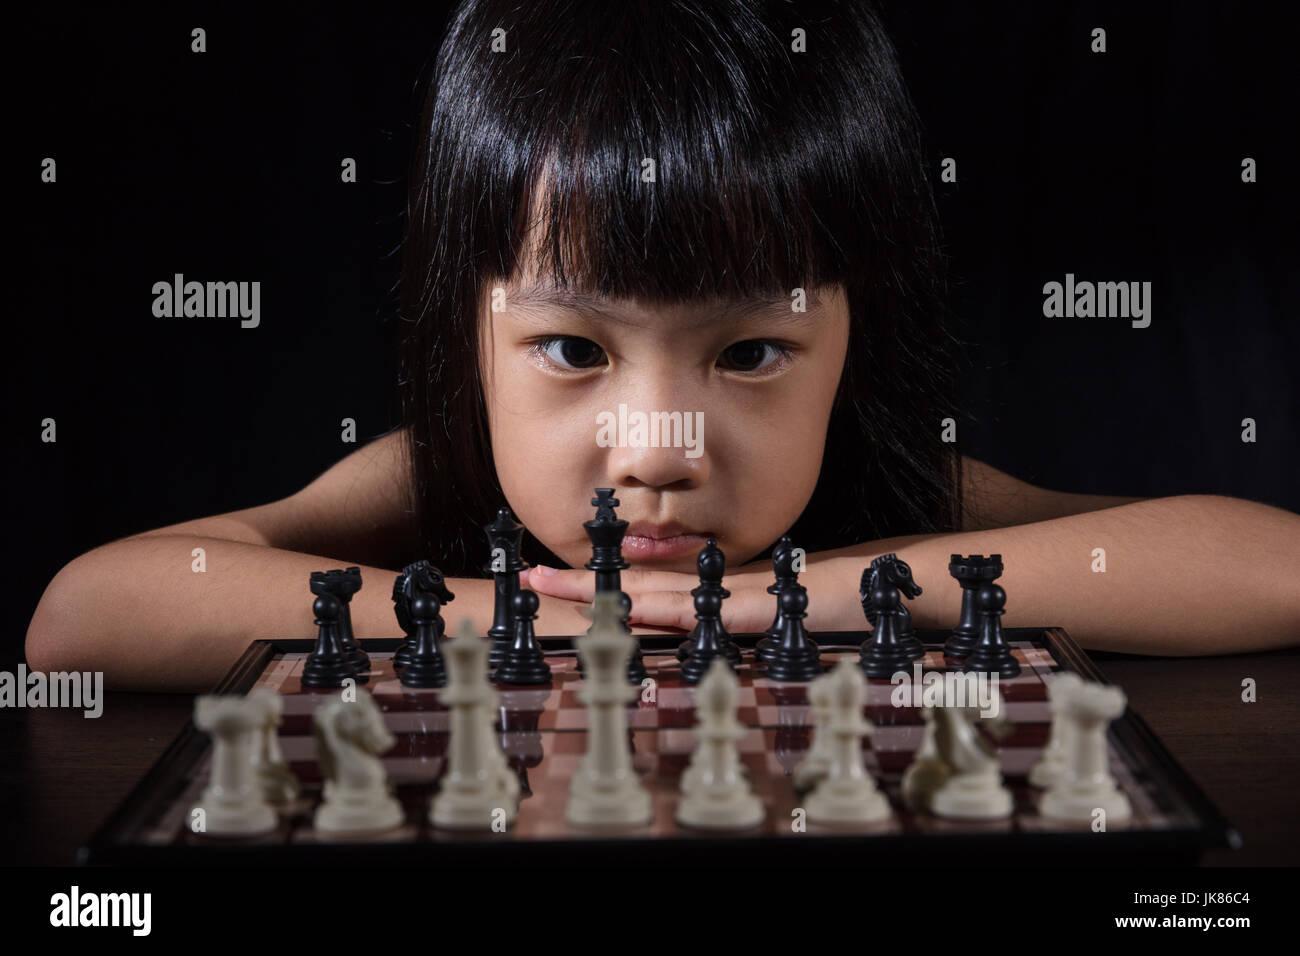 Kleine chinesische Asiatin spielt Schach in isolierten schwarzen Hintergrund Stockbild